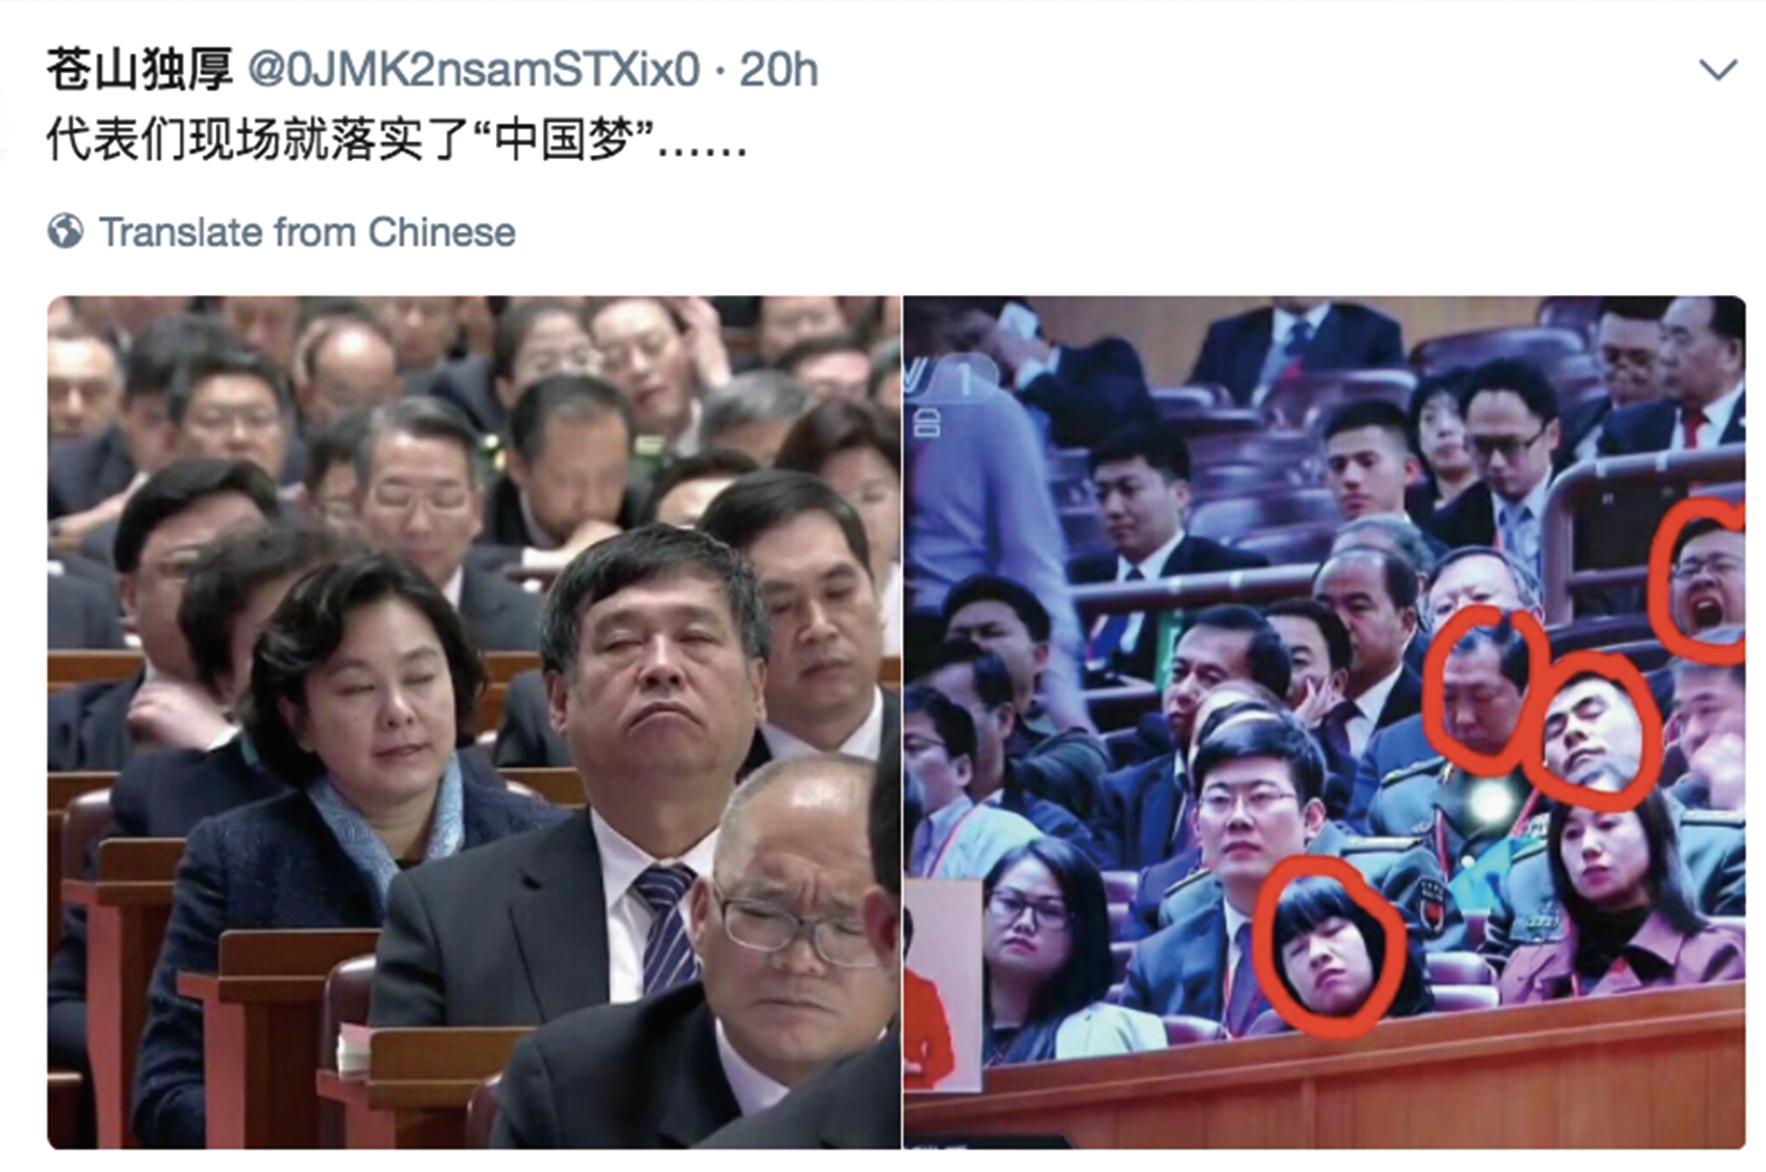 十九大黨代表們開會紛紛打瞌睡 民間譏諷落實「中國夢」